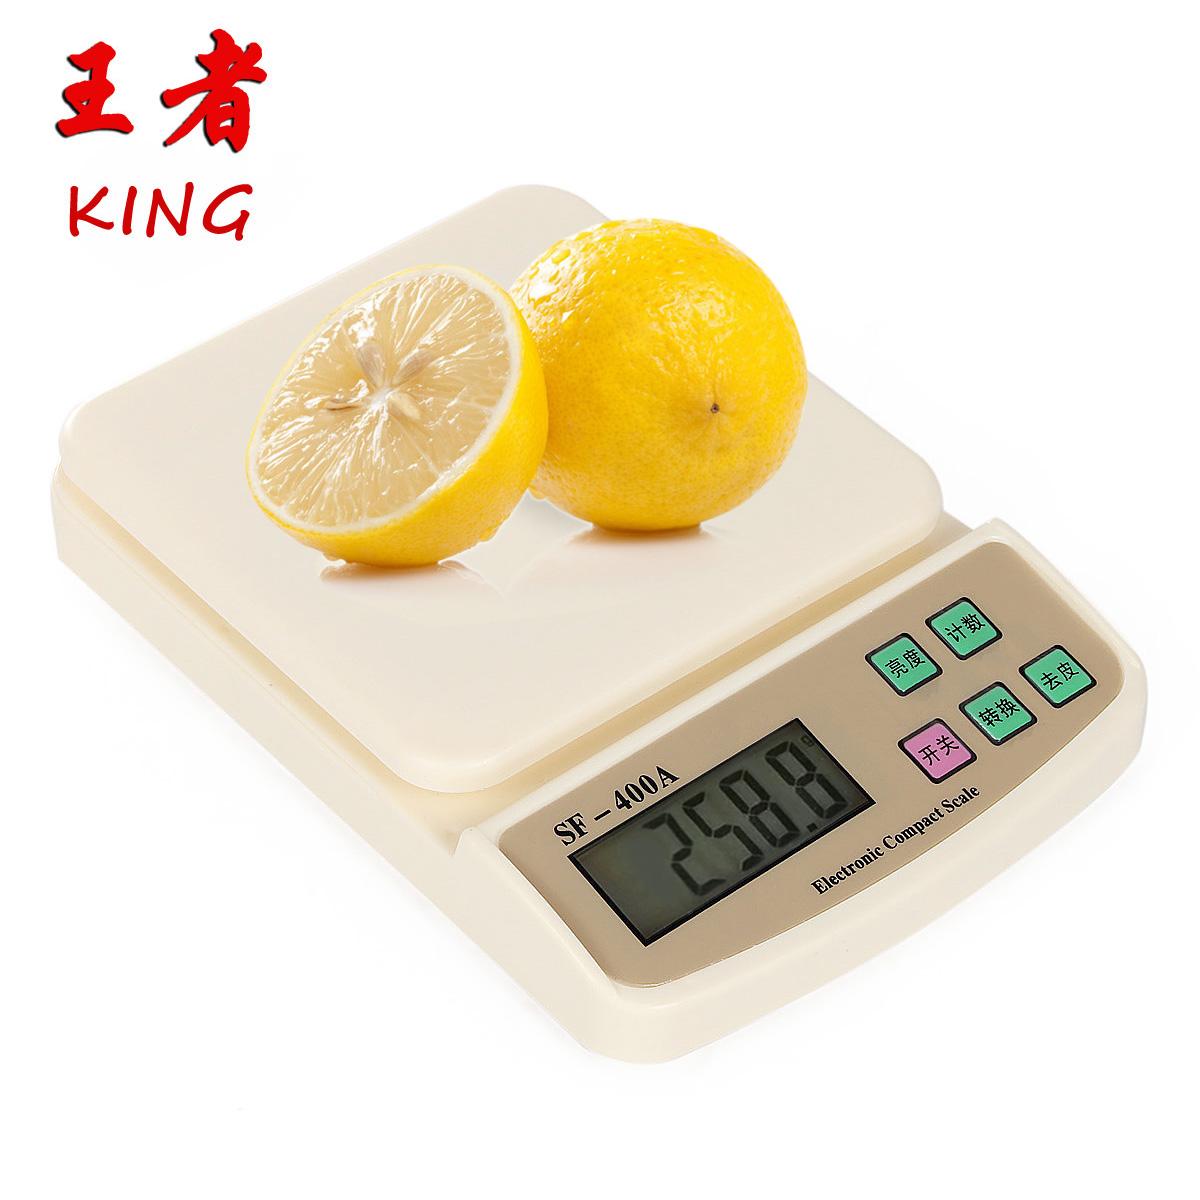 Король кухня масштаба 7 кг / 1g высокой точности 0,1 г электронные весы мини выпечки Весы бытовые грамм масштаба почты